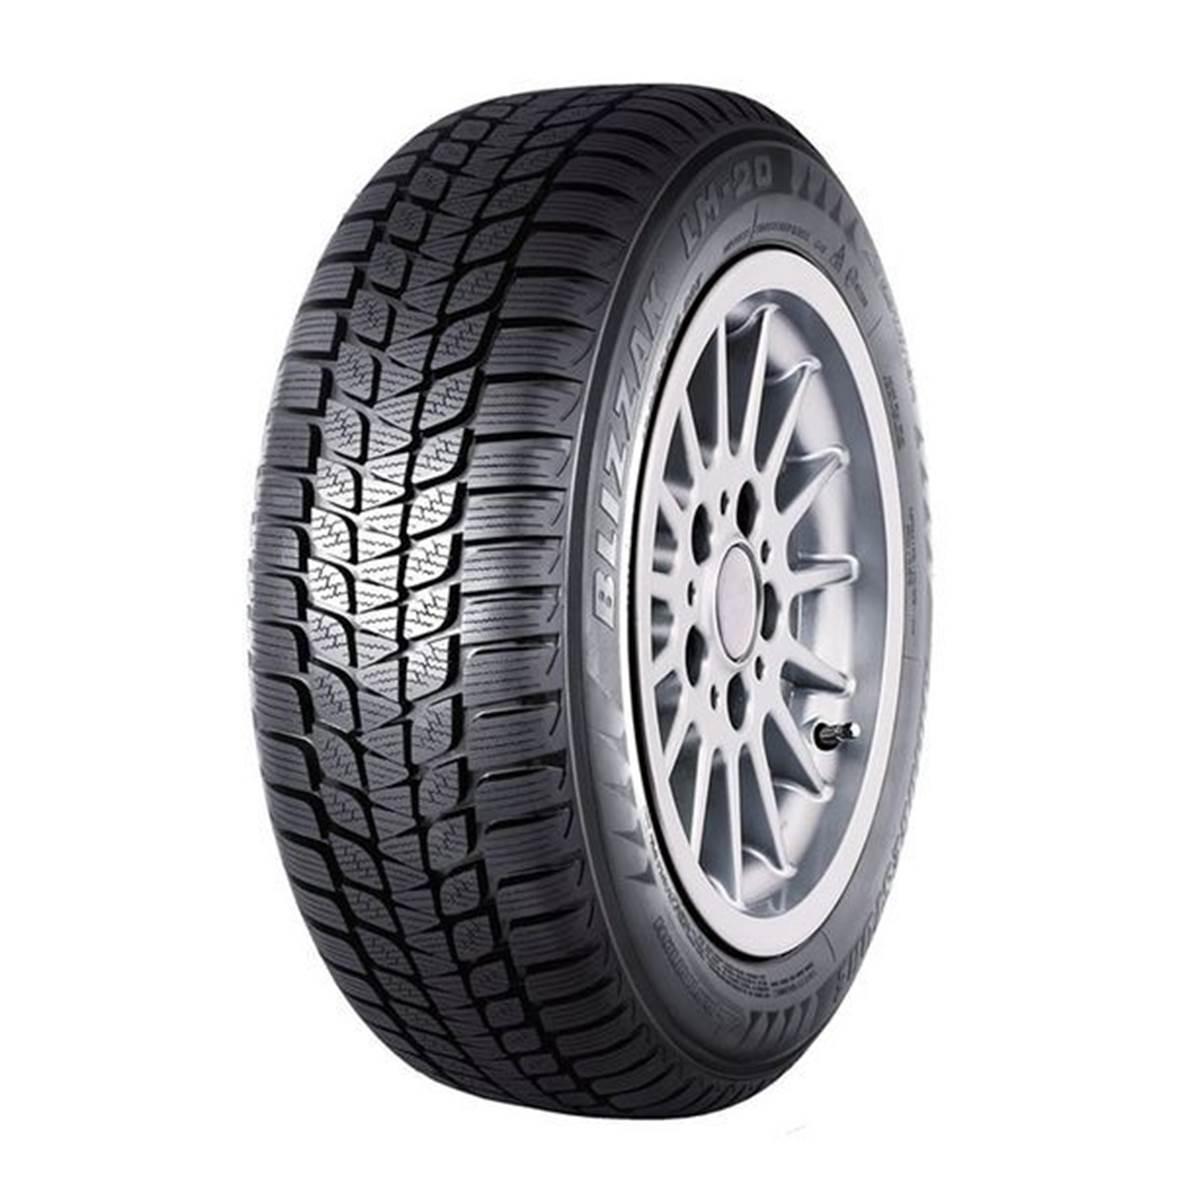 Comparer les prix des pneus Bridgestone Blizzak LM-20